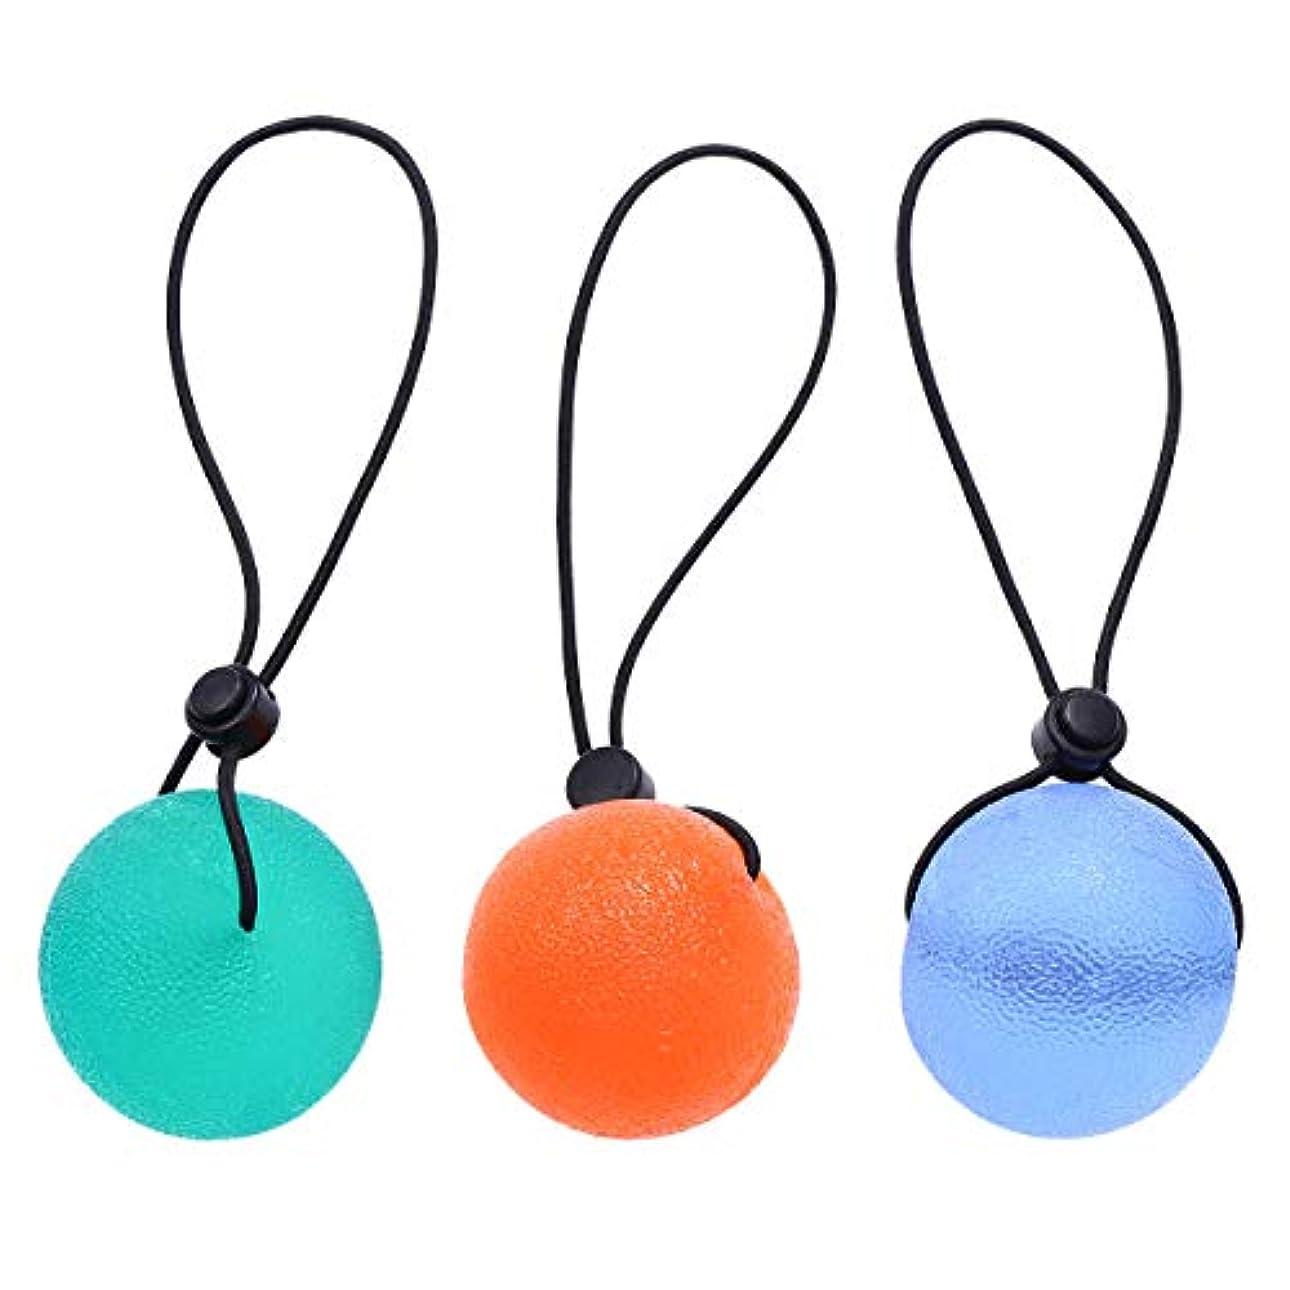 将来の誠意骨折HEALLILY 3個ハンドセラピー運動ボールグリップ強化剤指グリップボールと文字列